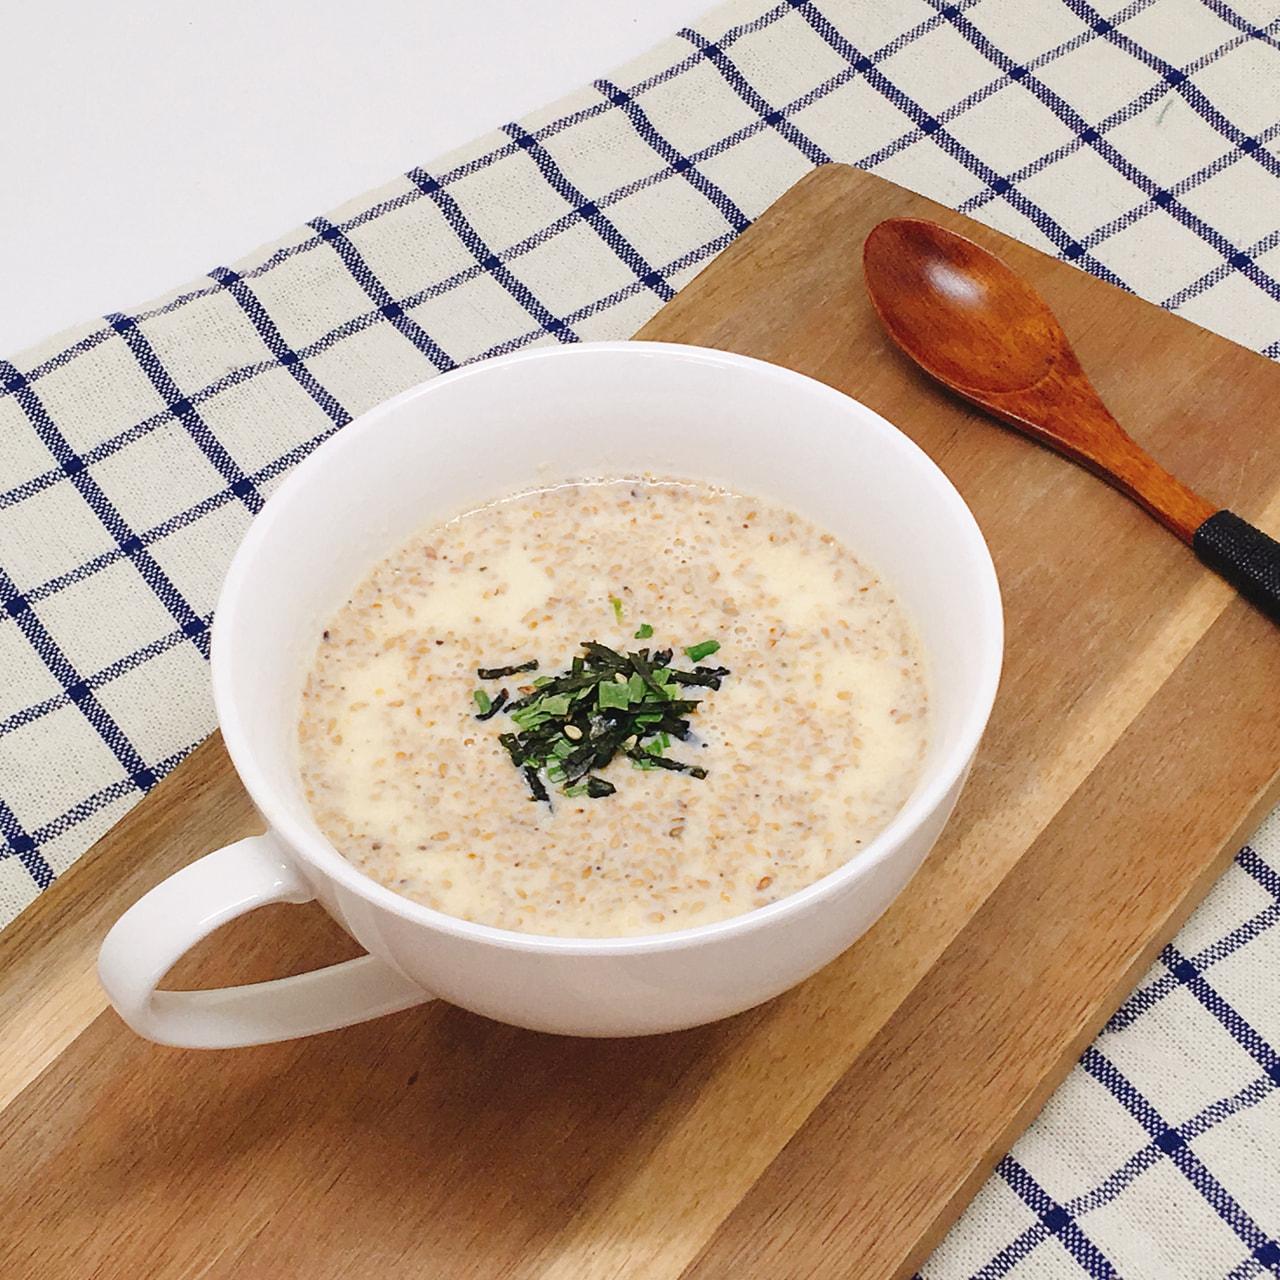 和え胡麻豆乳スープ